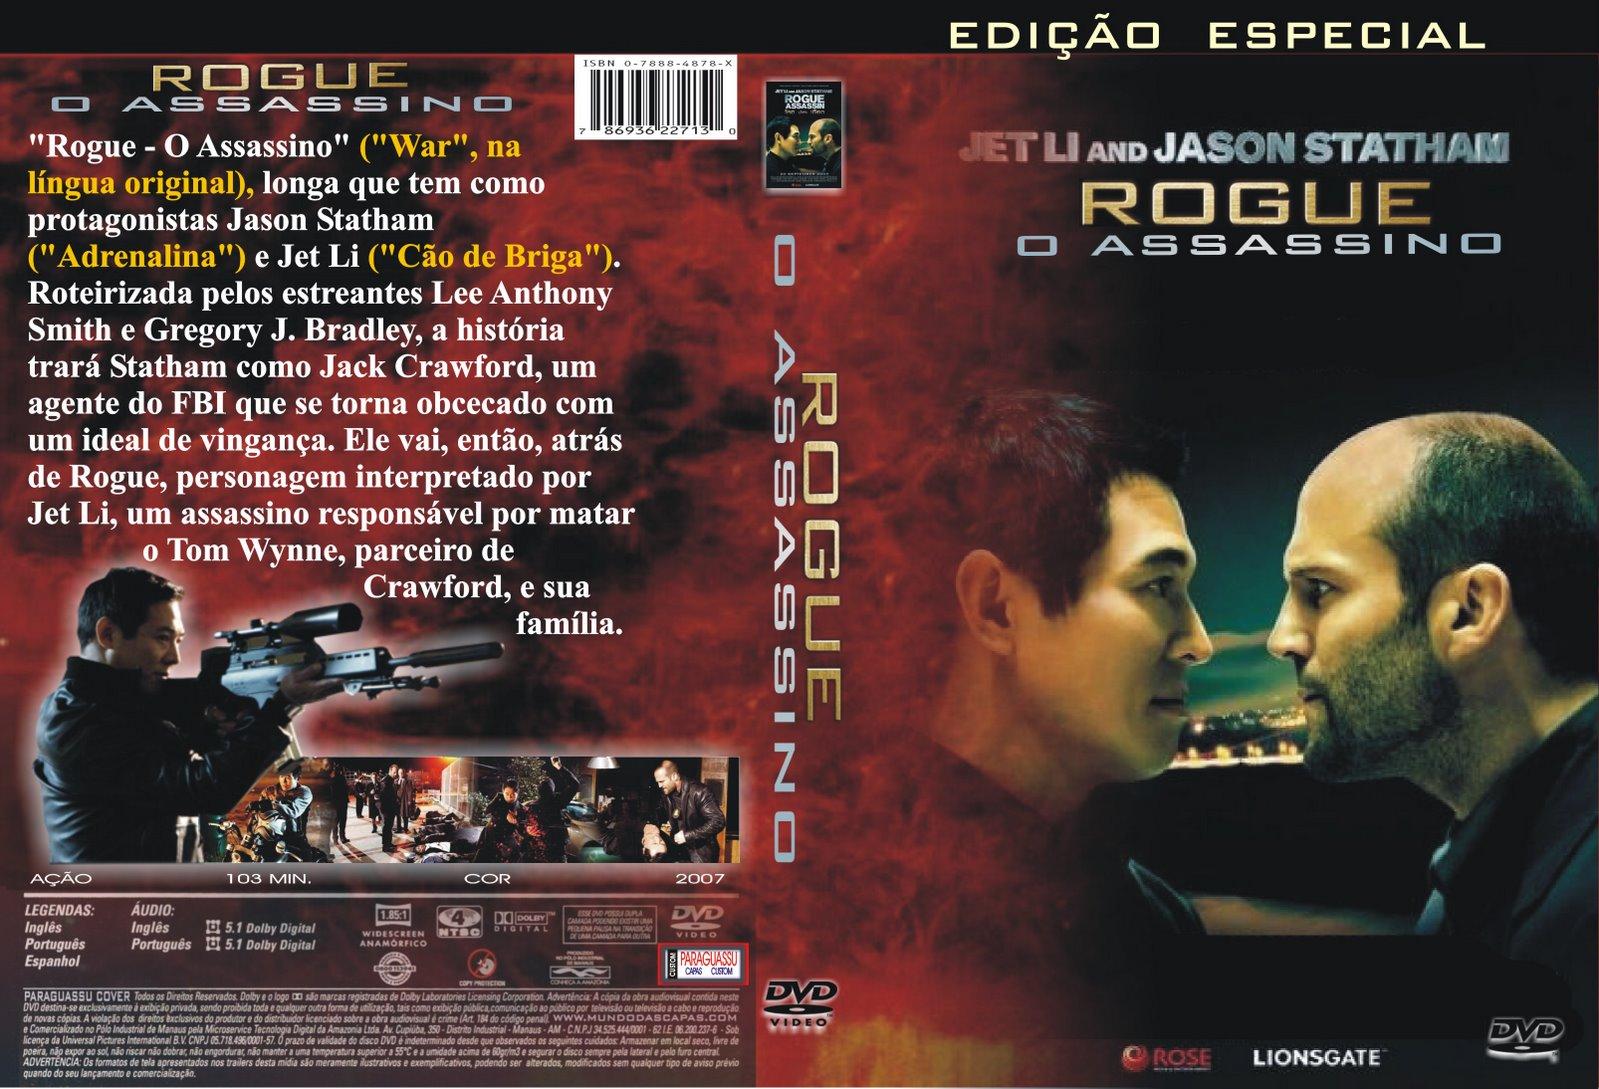 http://2.bp.blogspot.com/_eoutIDi4zcY/S8UCsRExrNI/AAAAAAAAAZc/JbCHLSCGm8g/s1600/Rogue+-+O+Assassino+Capa+1.jpg